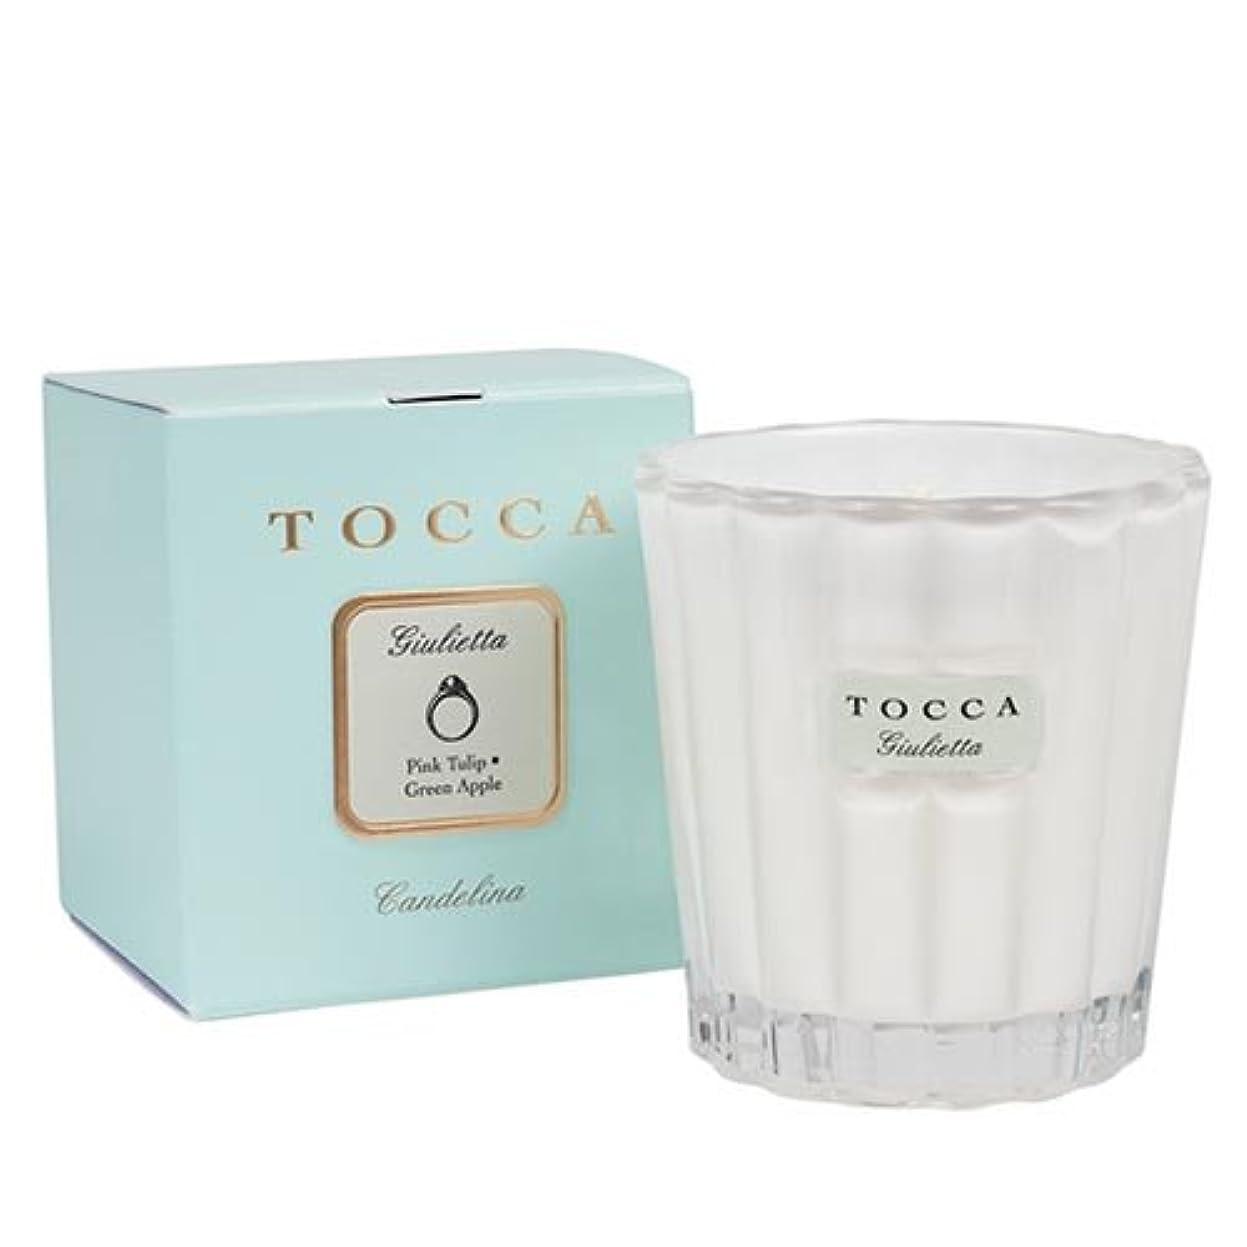 予言するハプニングマートCONCENT TOCCA (トッカ) キャンデリーナ (ジュリエッタの香り)